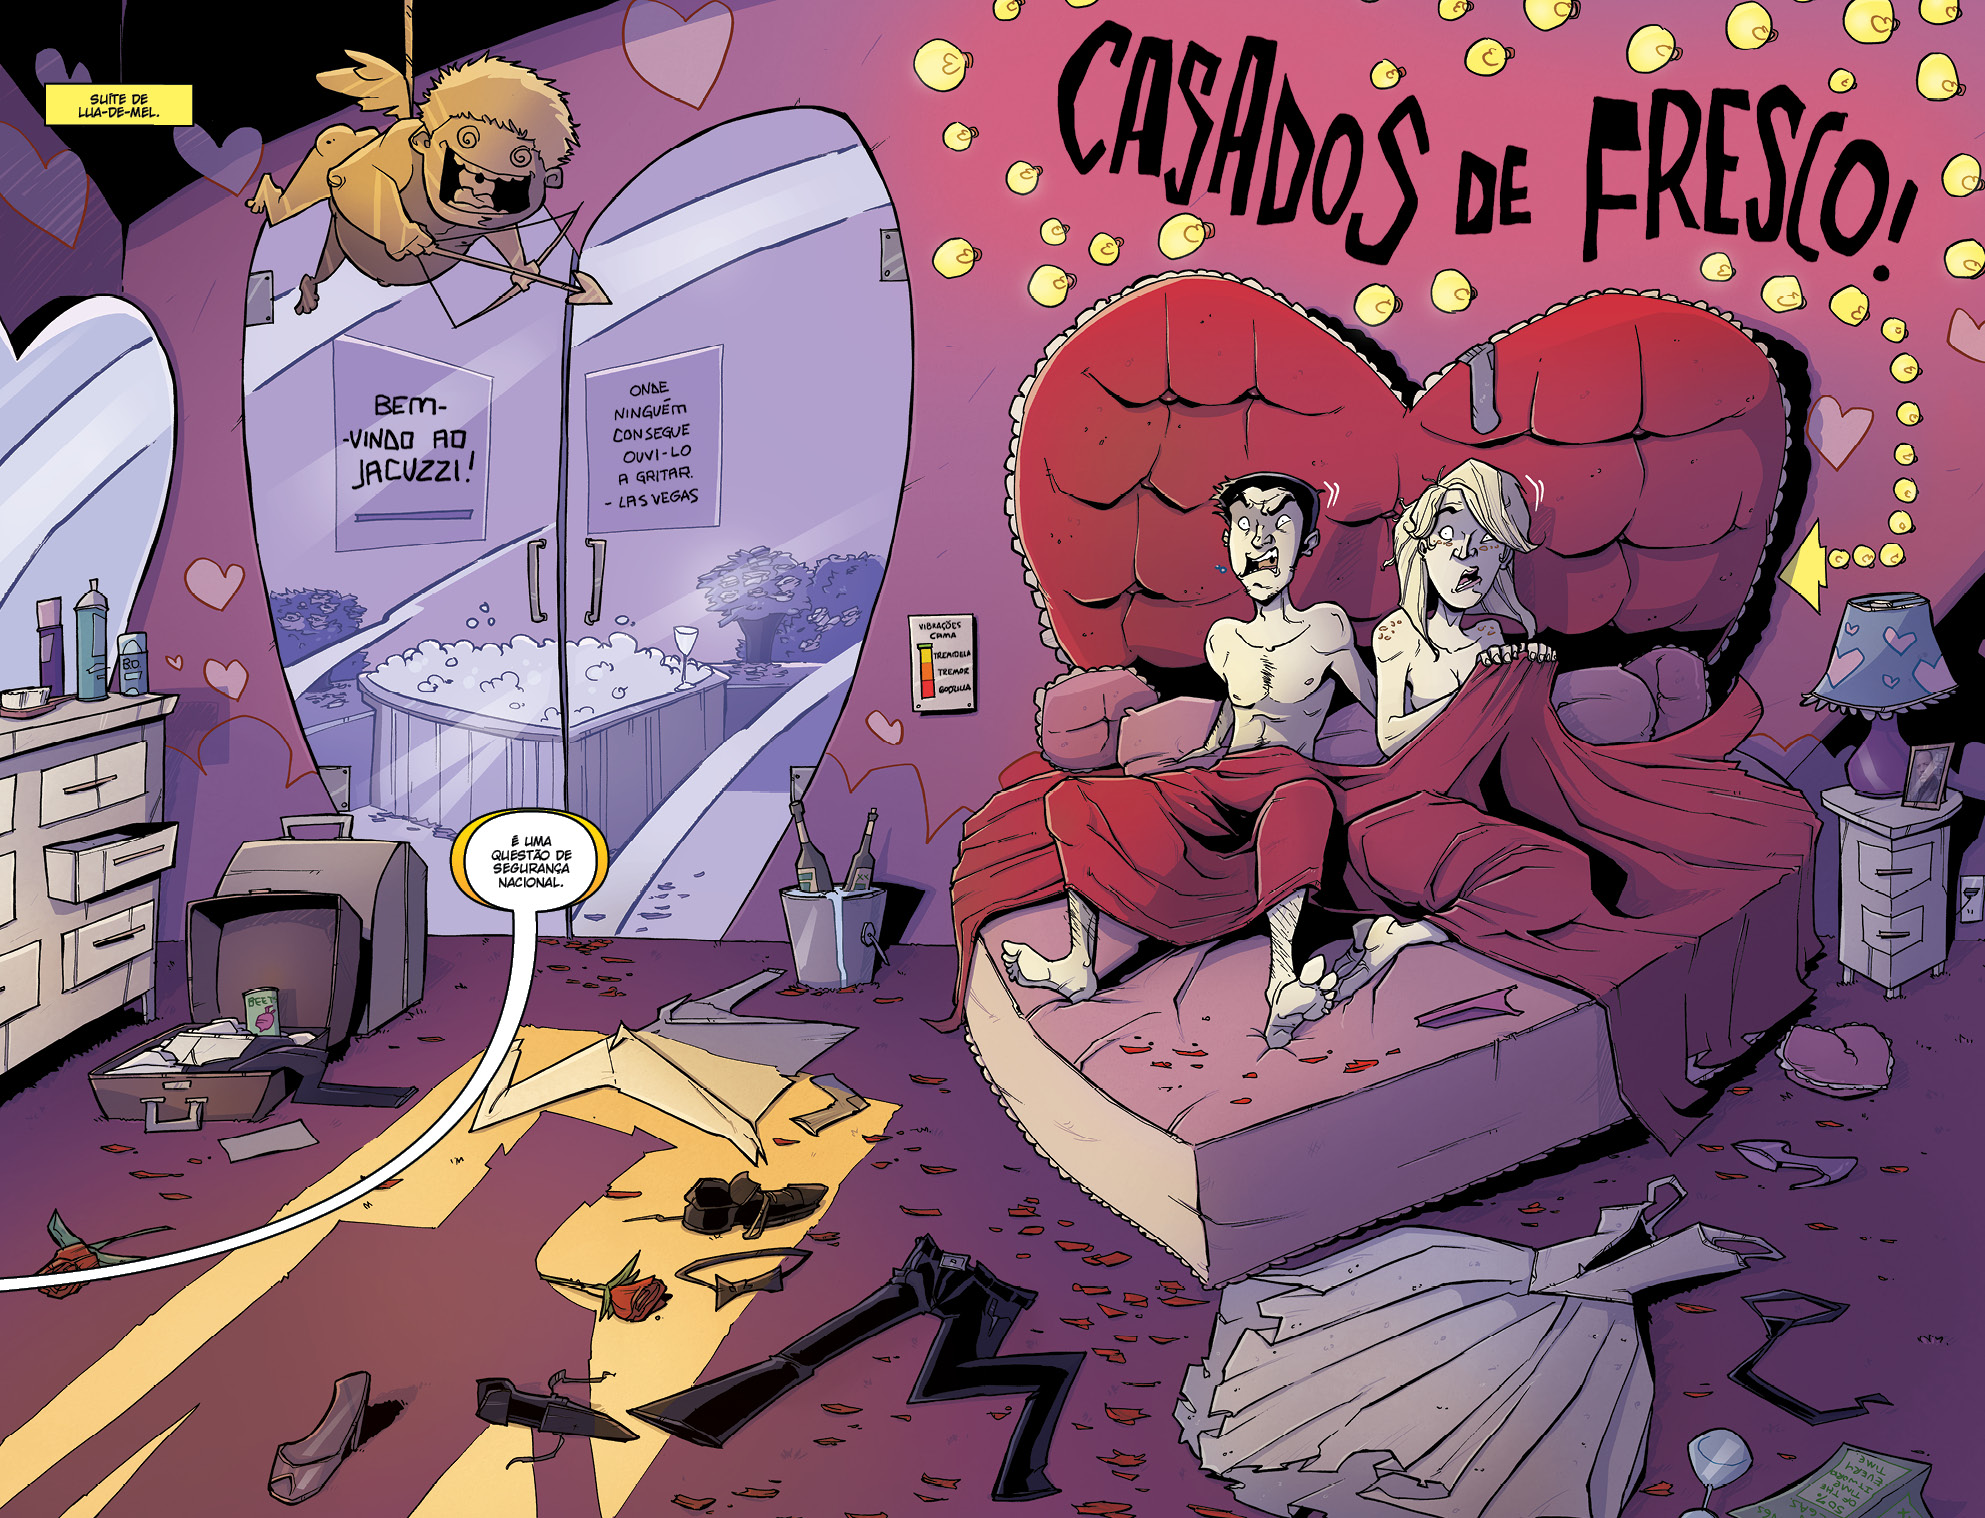 Tony CHU vol. 9: Granda Frango!